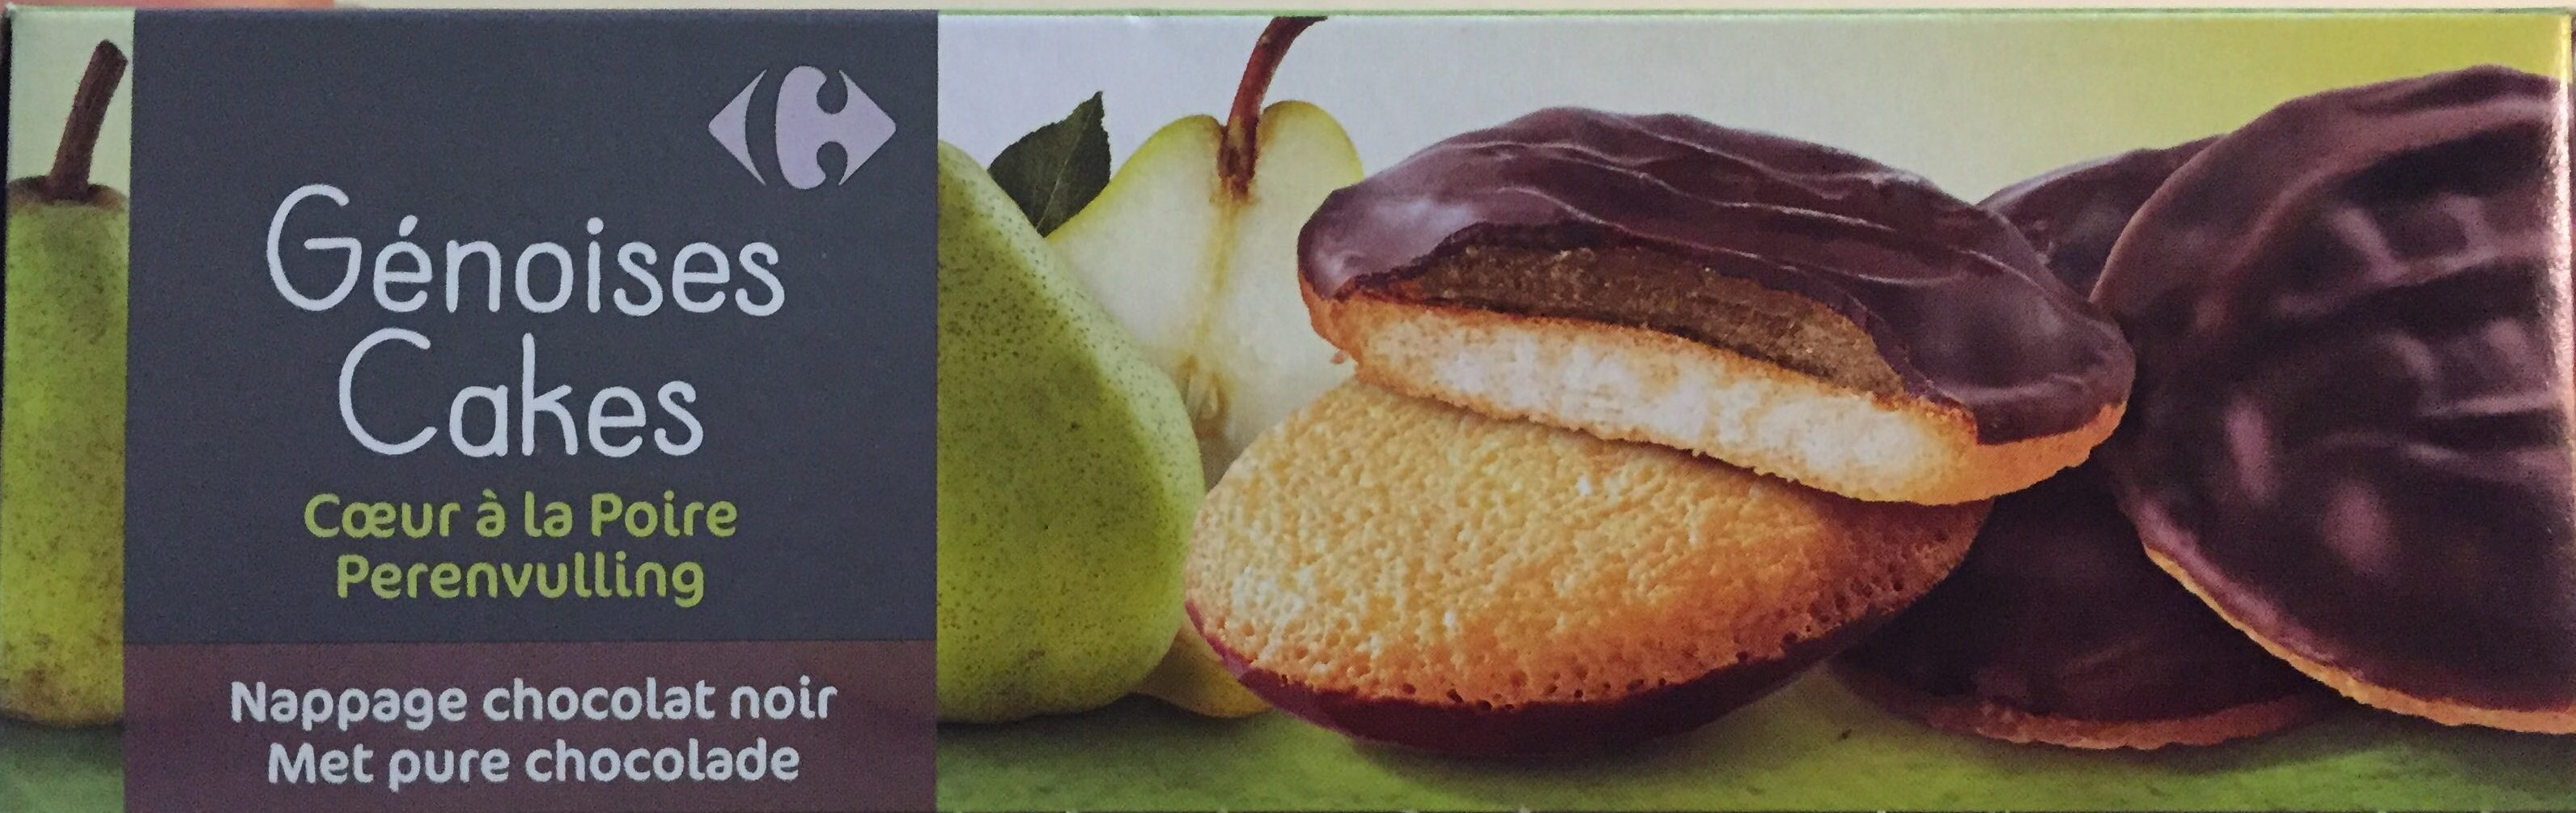 Génoises cœur à la poire nappage chocolat noir - Product